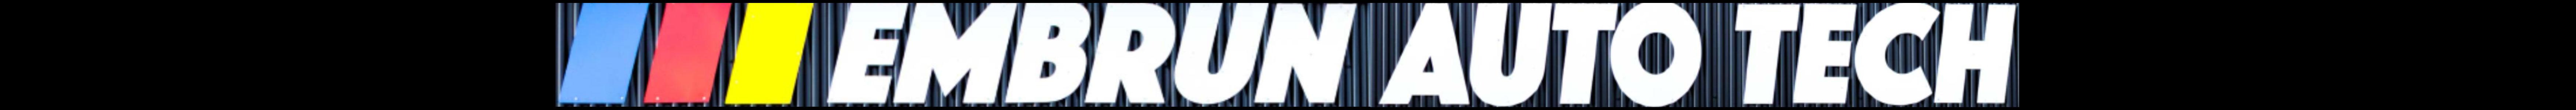 Embrun Auto Tech Logo